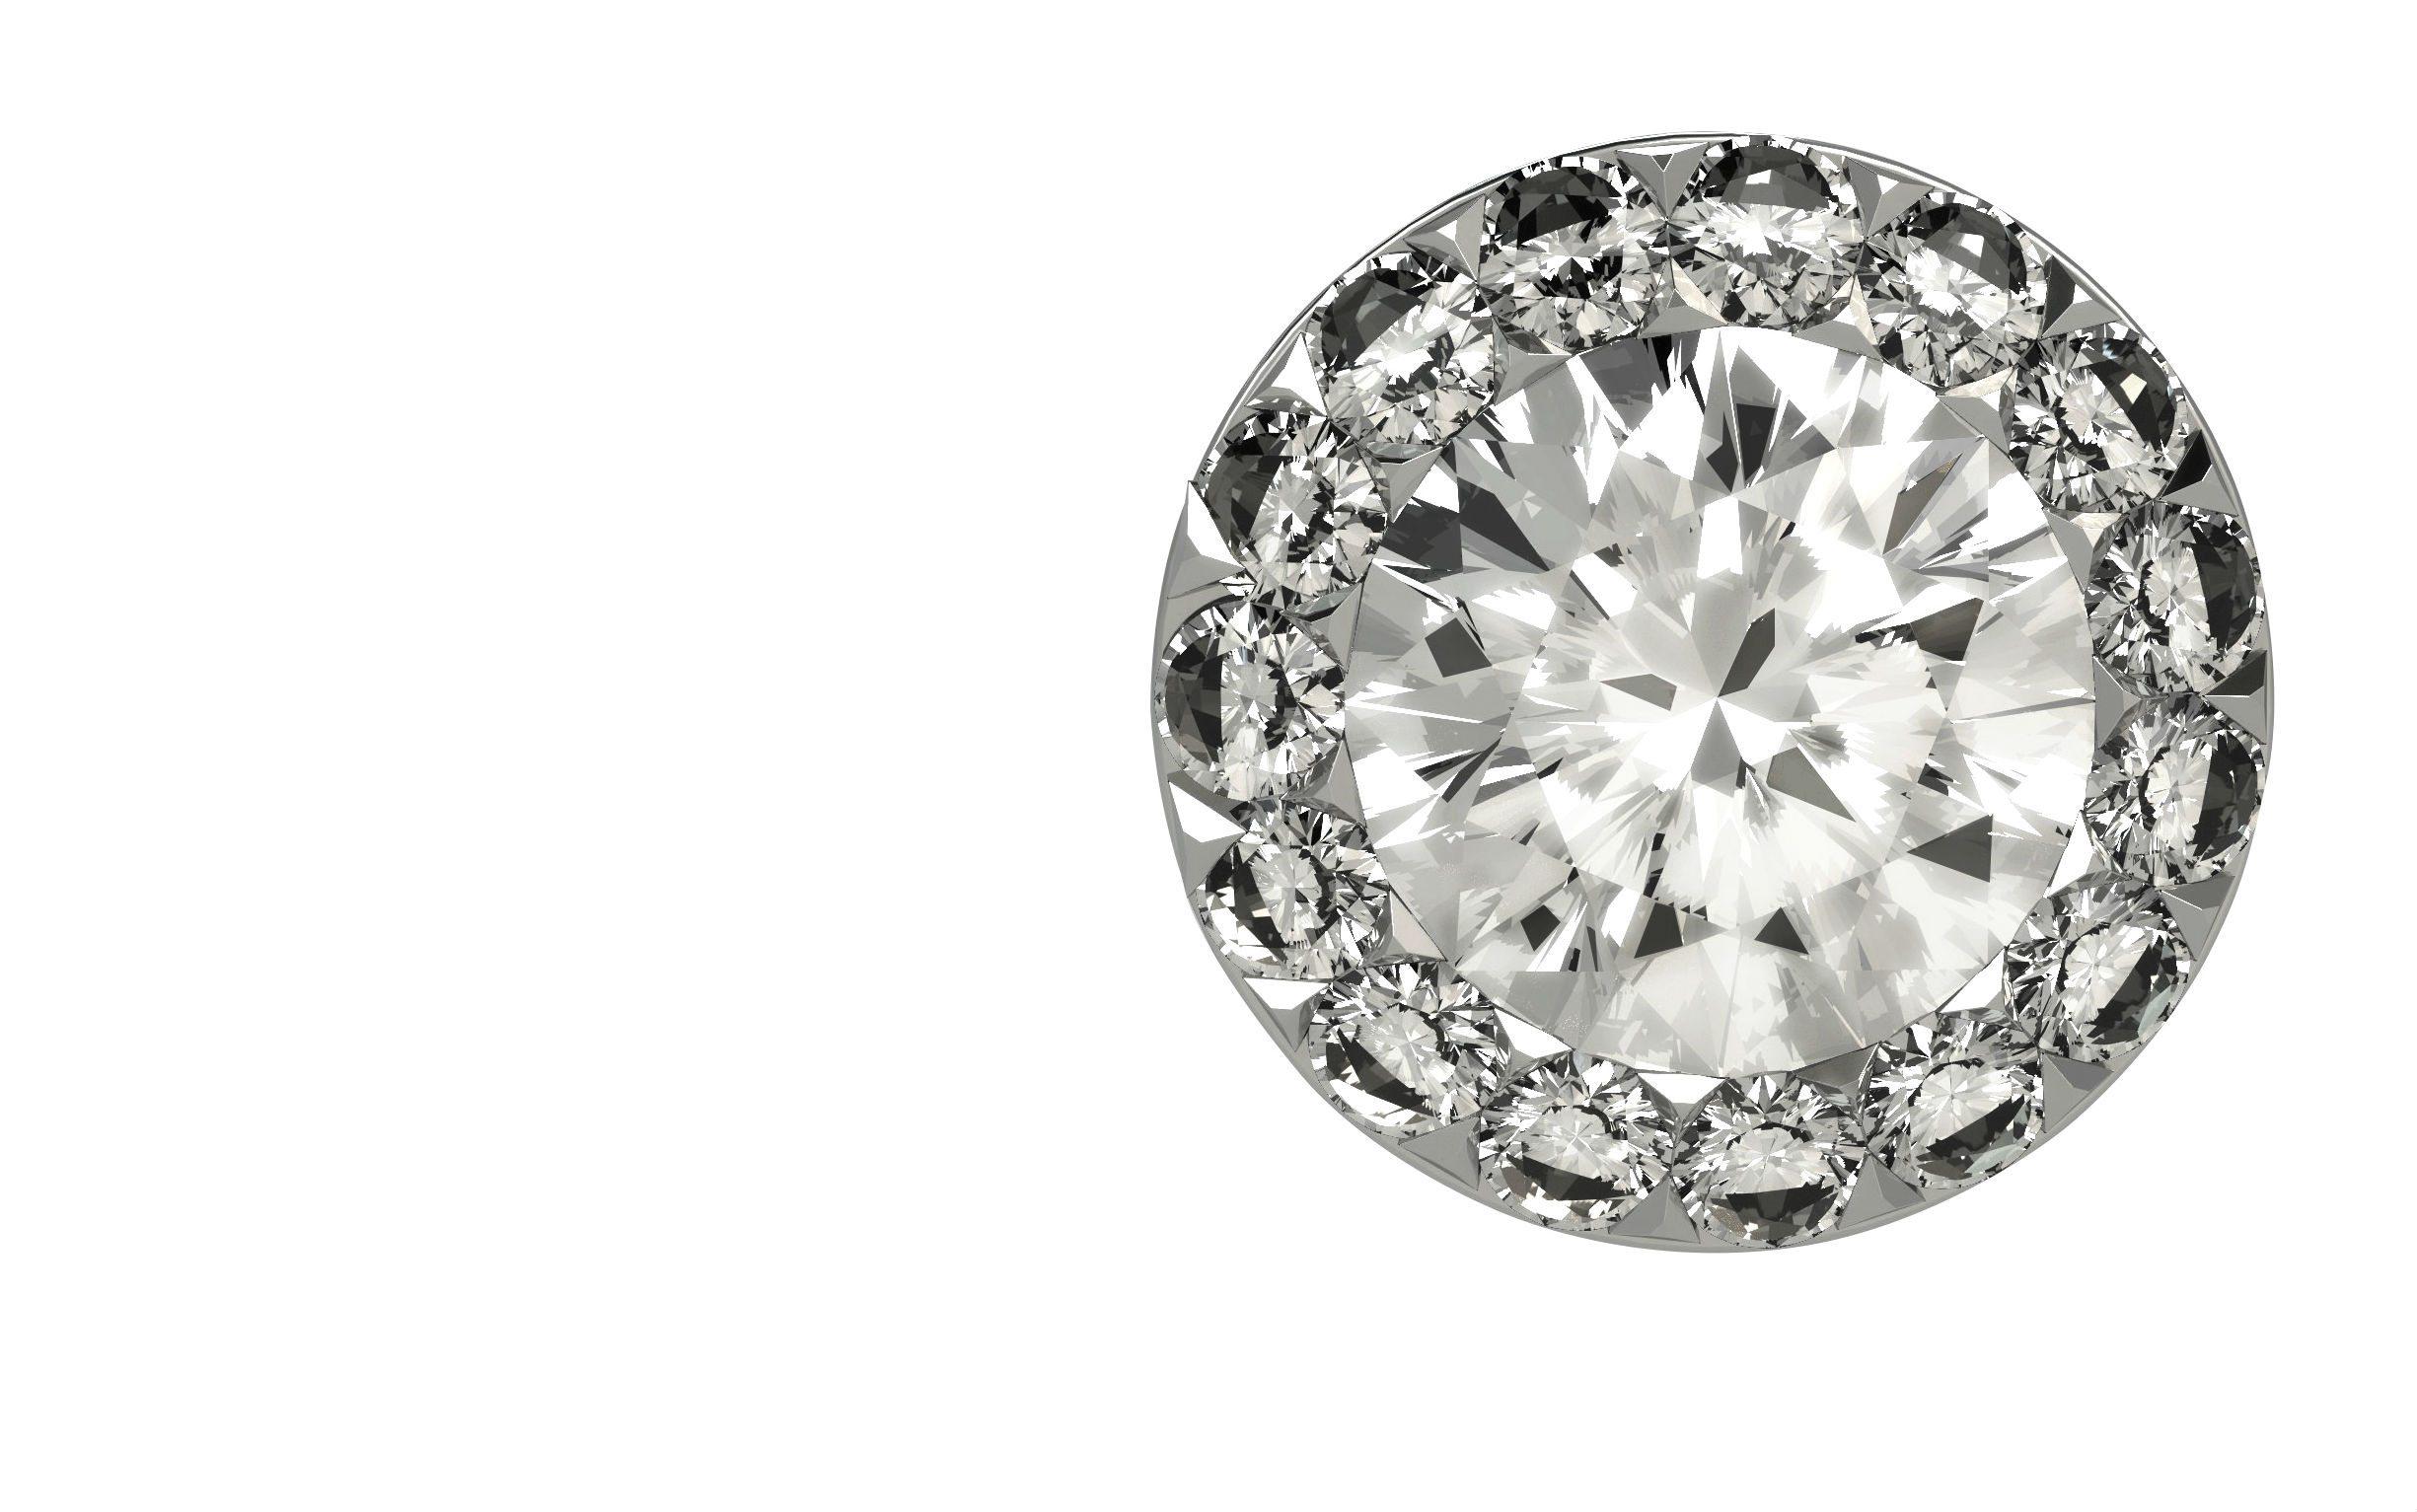 Los diamantes cuentan radiantes historias